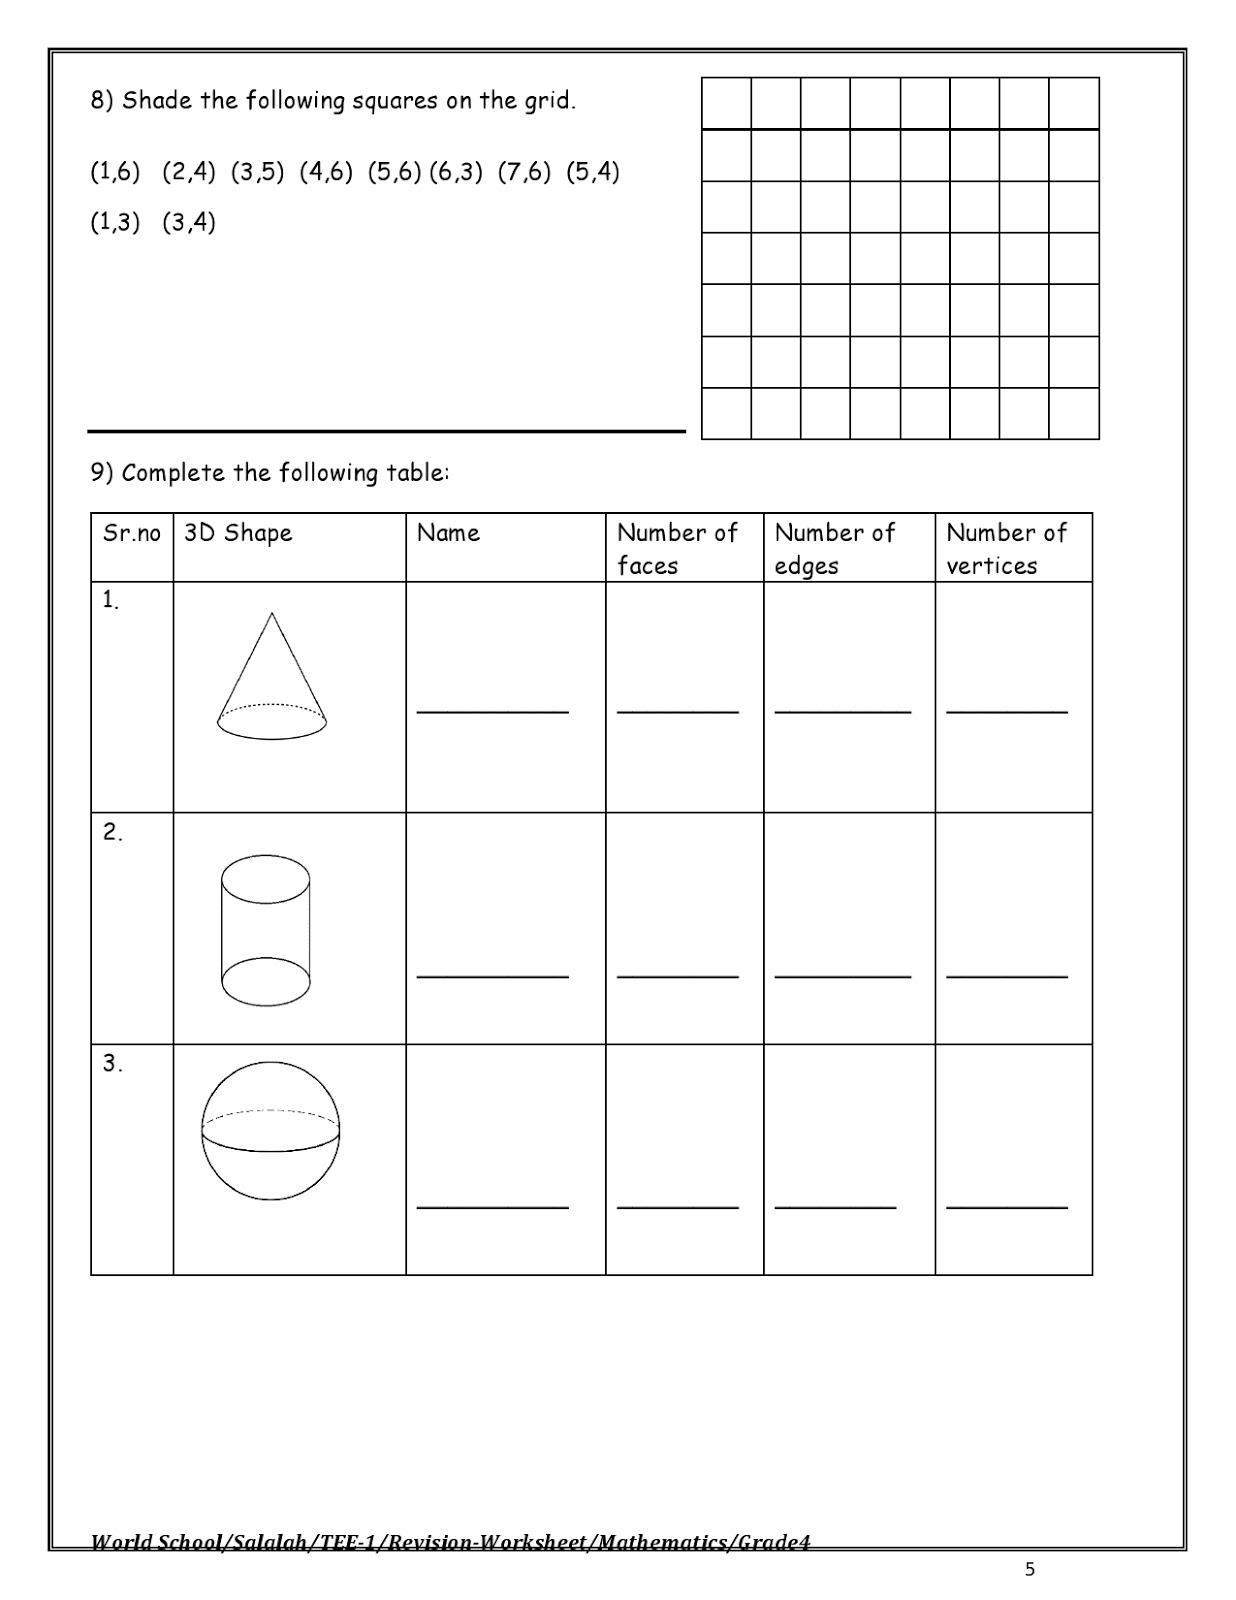 Birla World School Oman Revision Worksheet For Grade 4 02